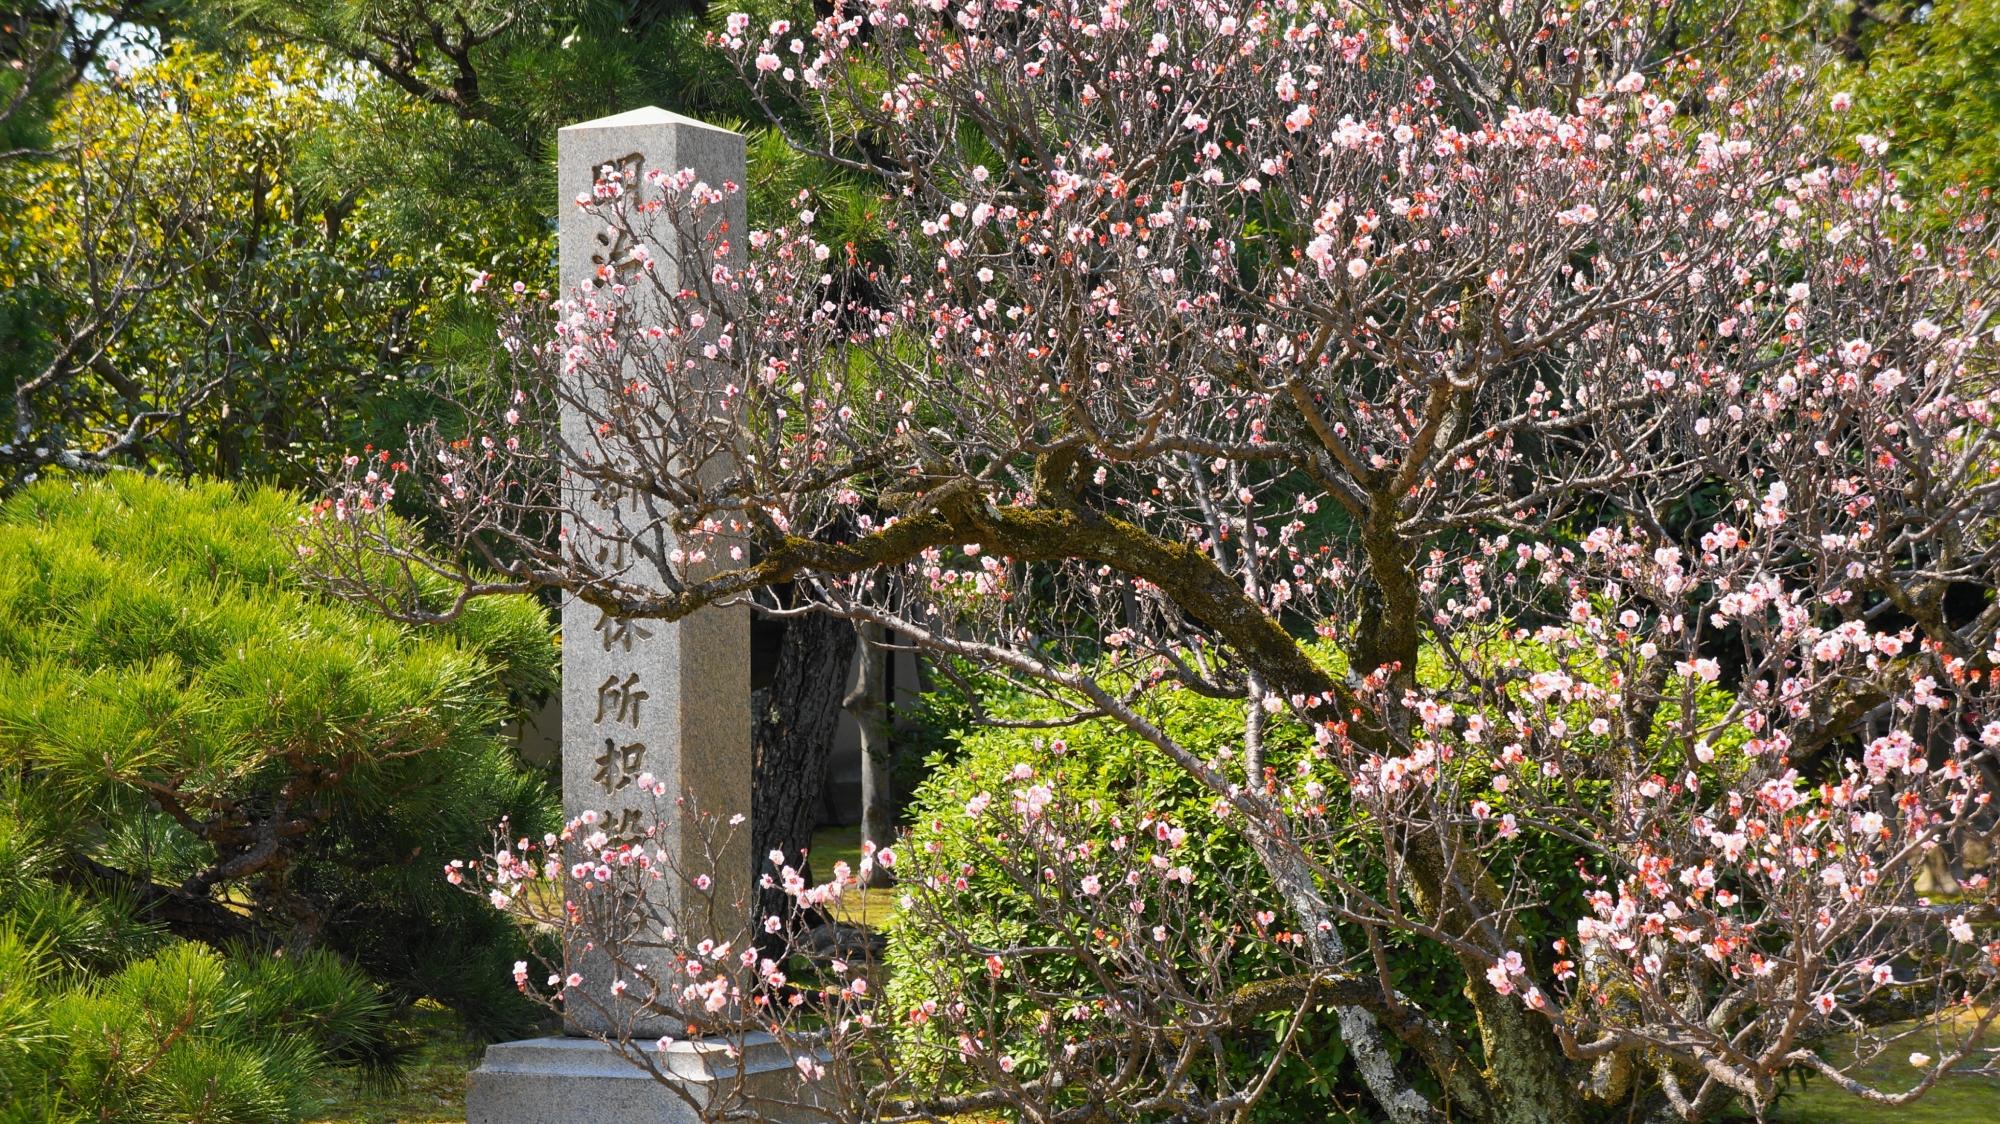 渉成園の芸術的な姿と枝の風情ある梅